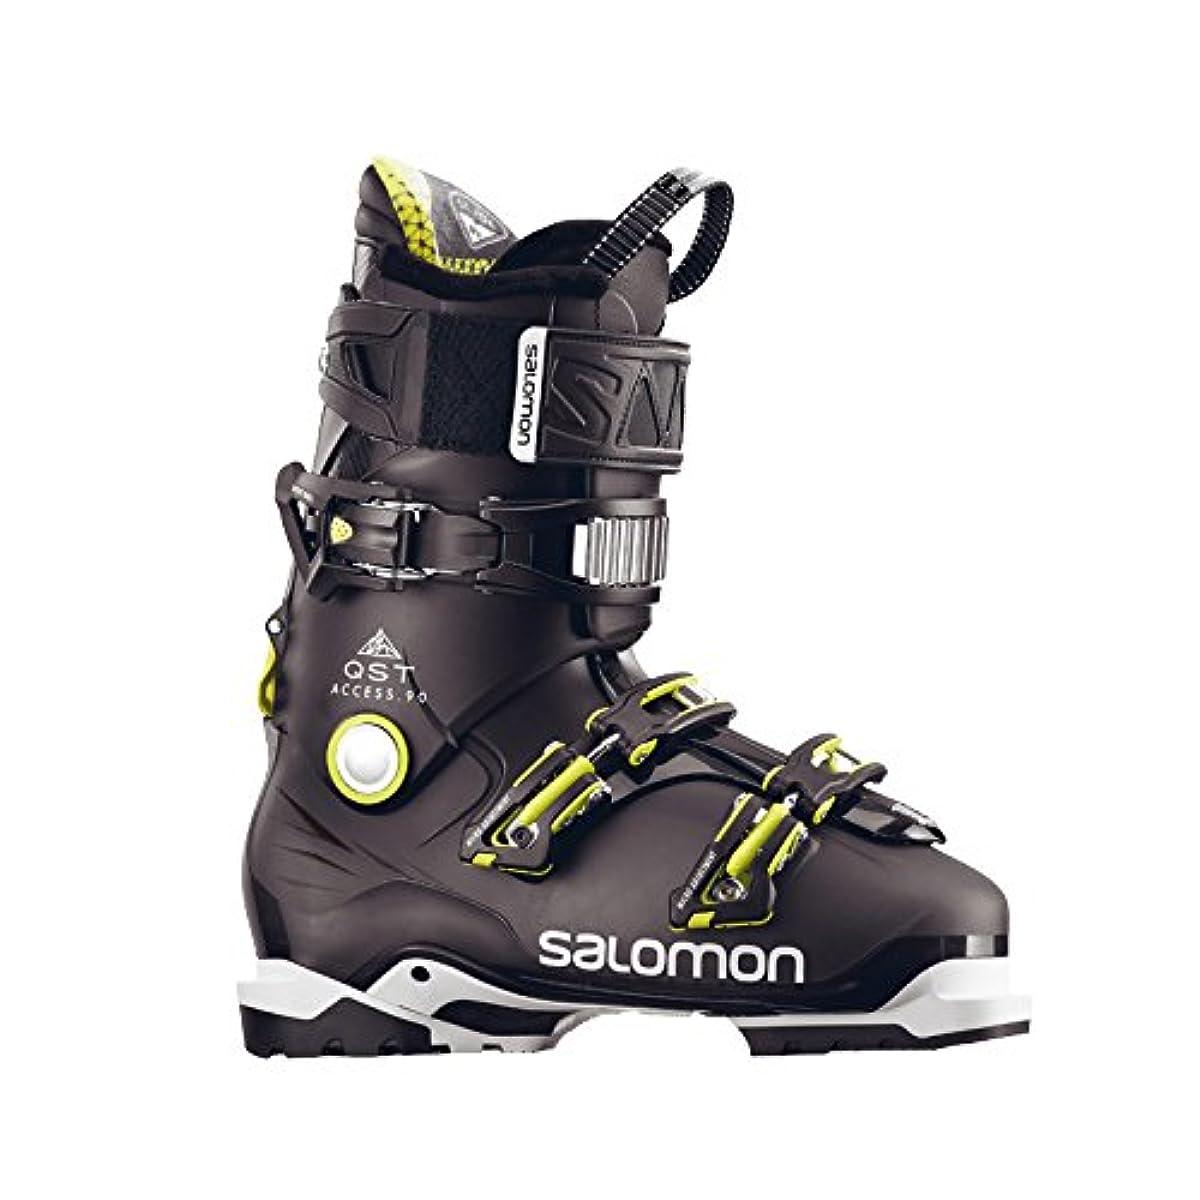 [해외] 살로몬SALOMON 스키화 QST ACCESS 90 퀘스트quest 액세스 90 2017-18 모델